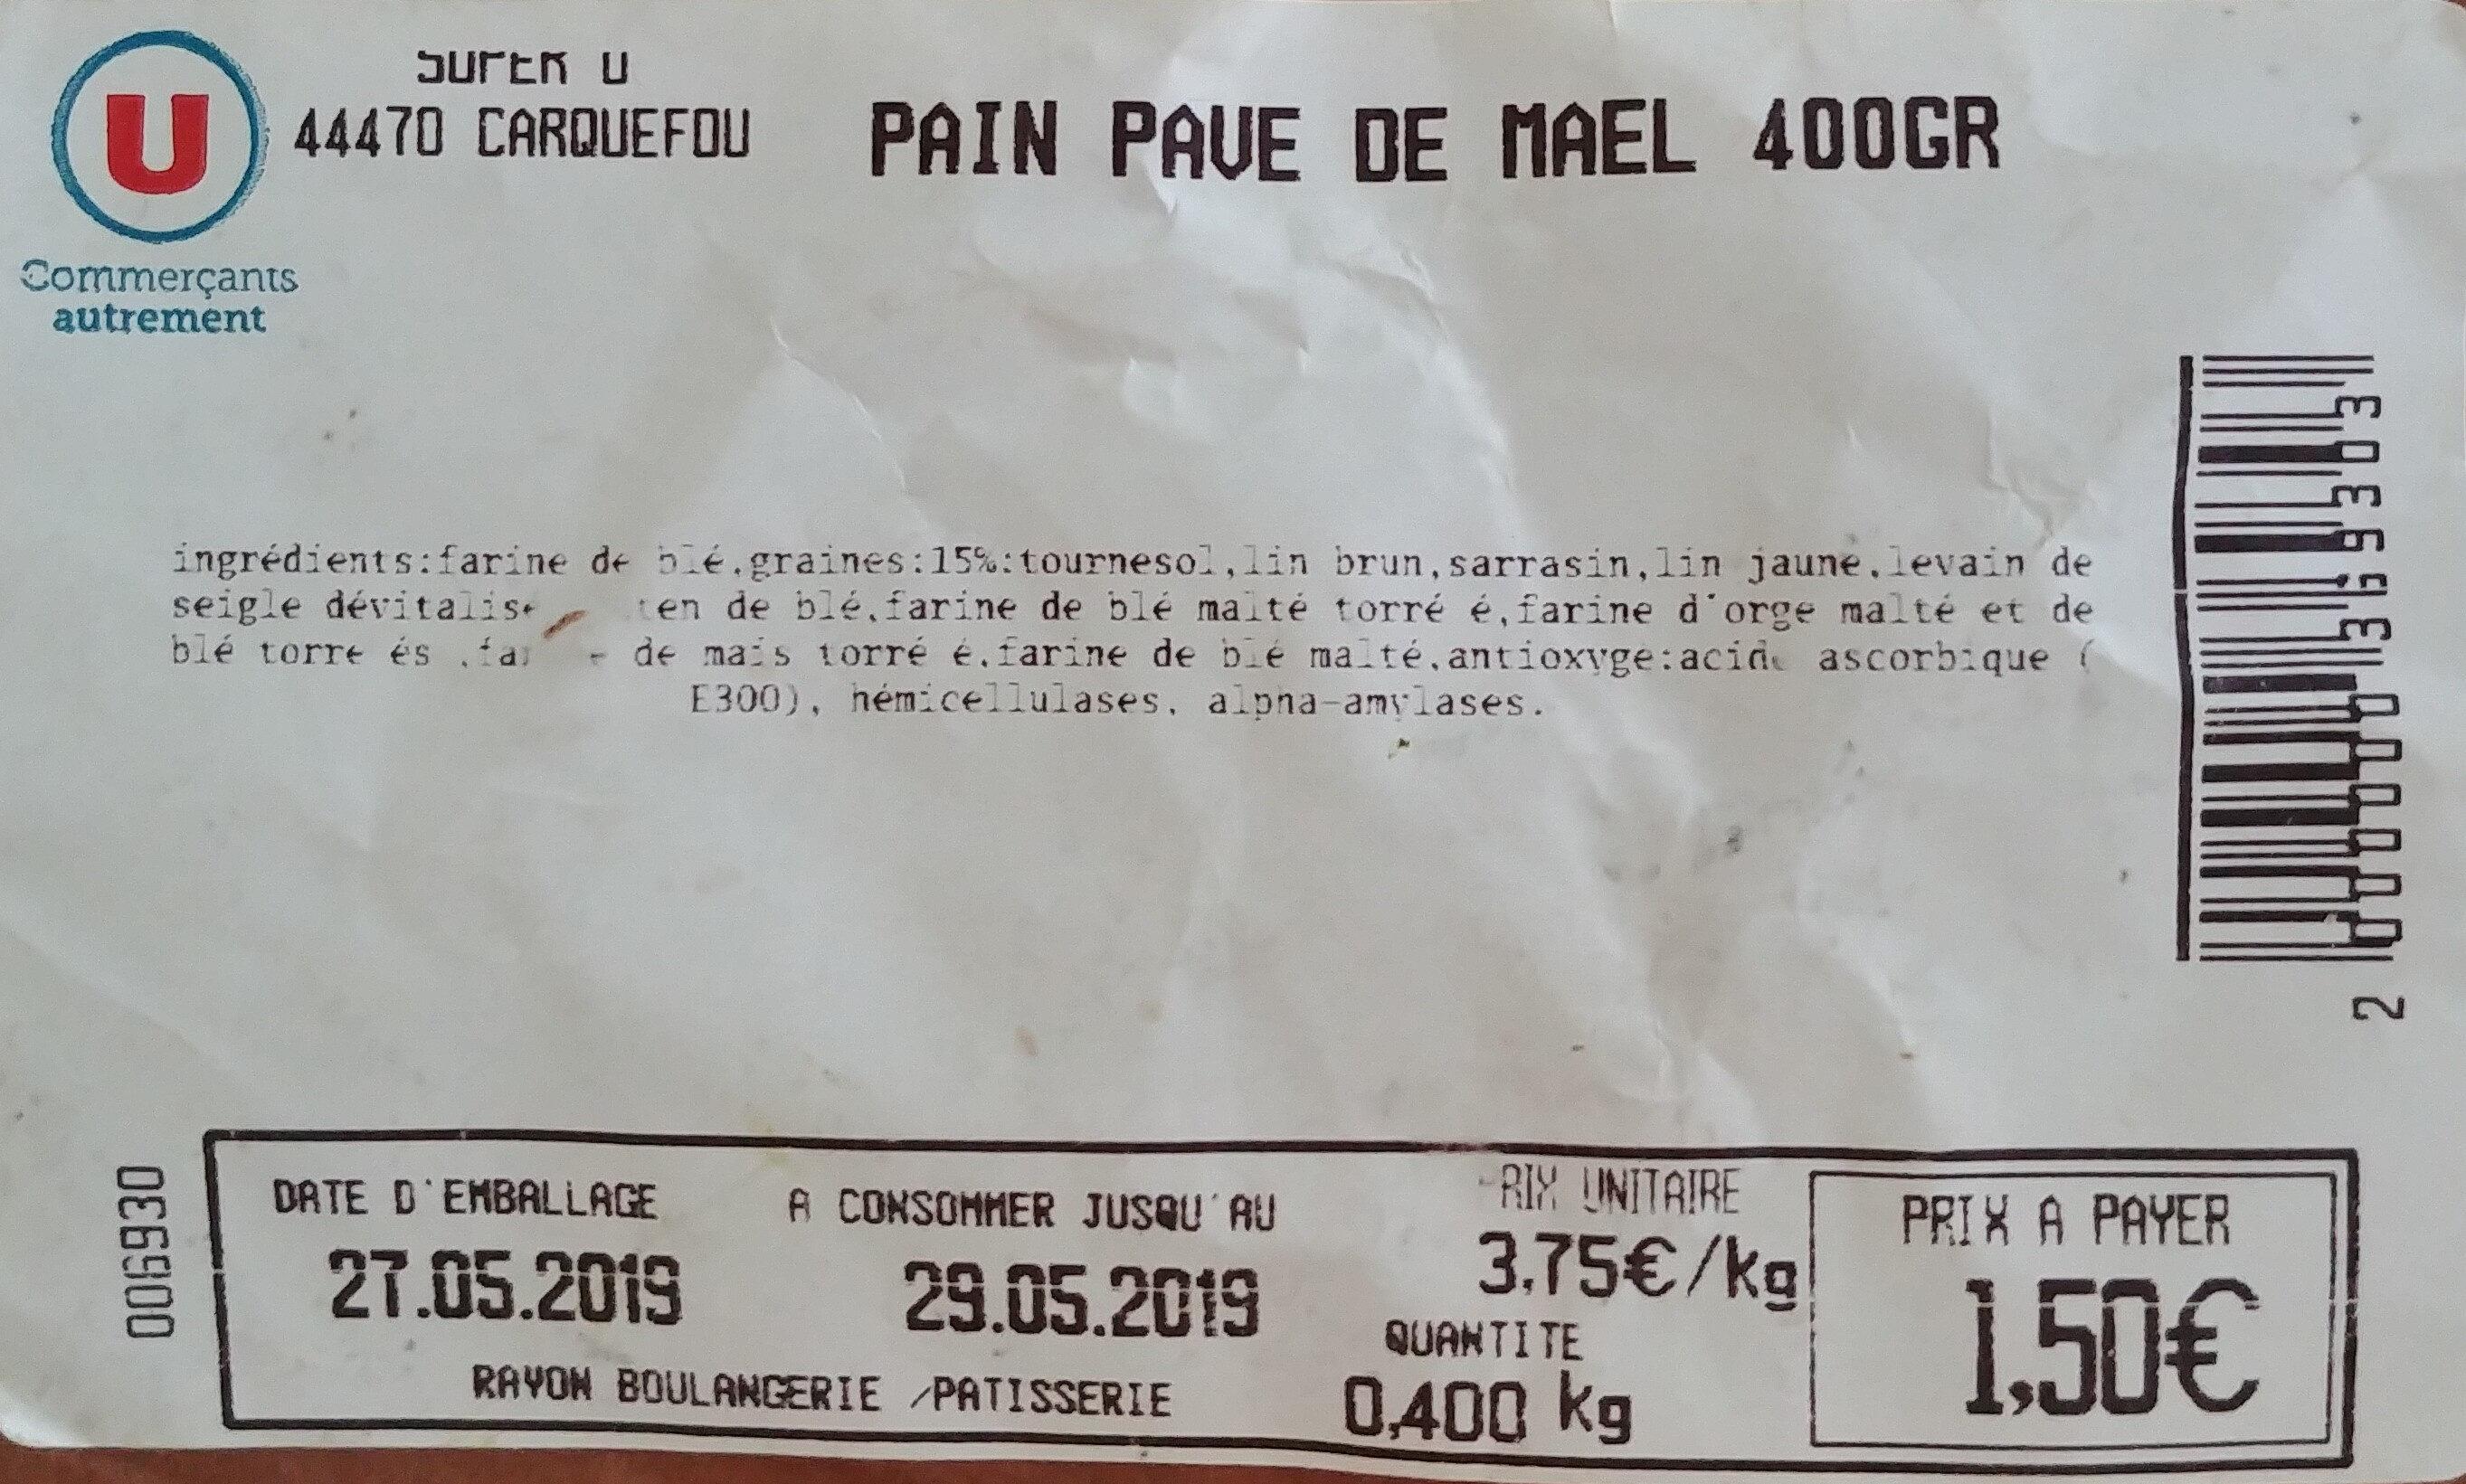 pain pavé de mael - Produit - fr